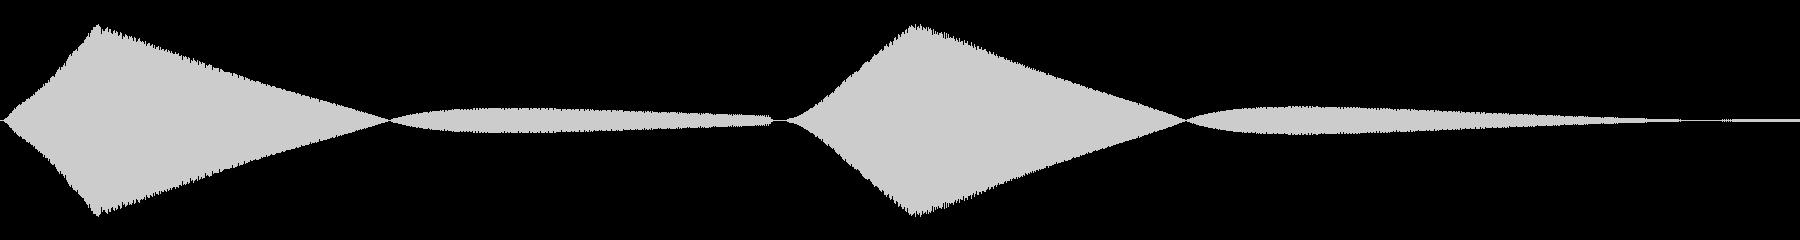 ぴよっ(ひよこ/動物園/鳴き声)の未再生の波形